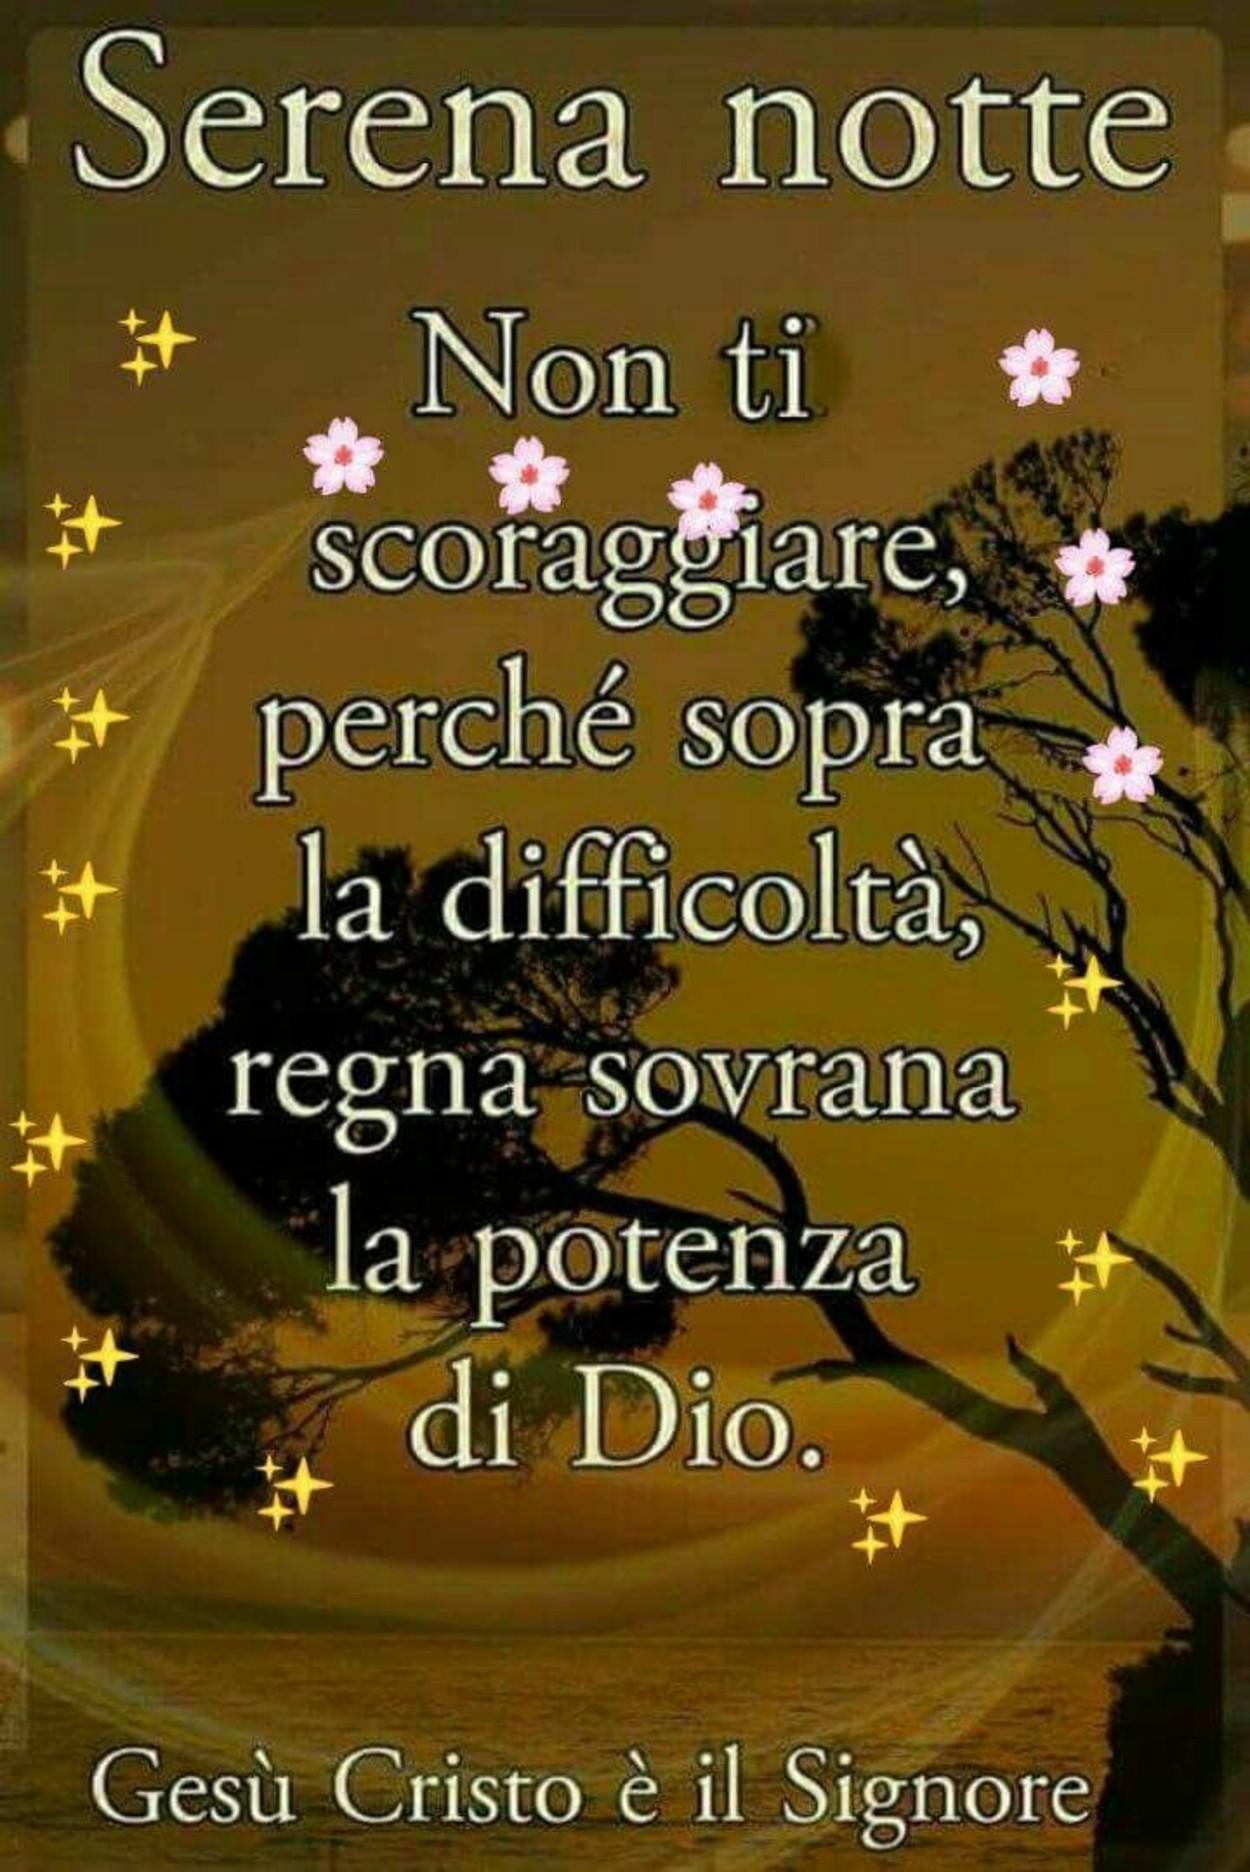 Frasi E Immagini Sacre Della Buonanotte